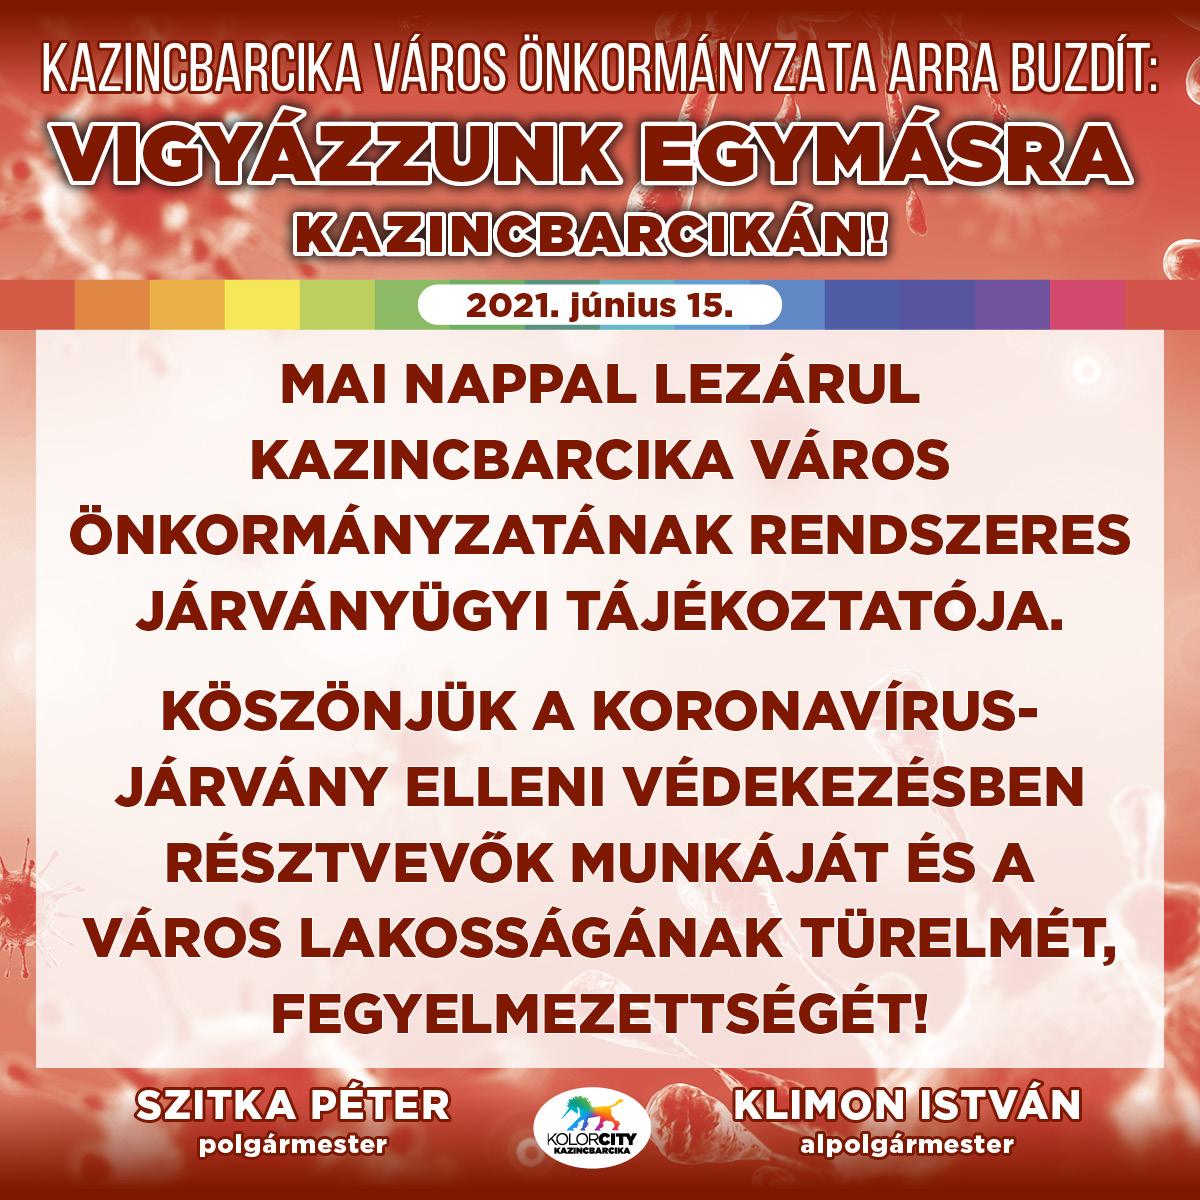 https://kolorline.hu/Vigyázzunk egymásra Kazincbarcikán – 2021. június 15.